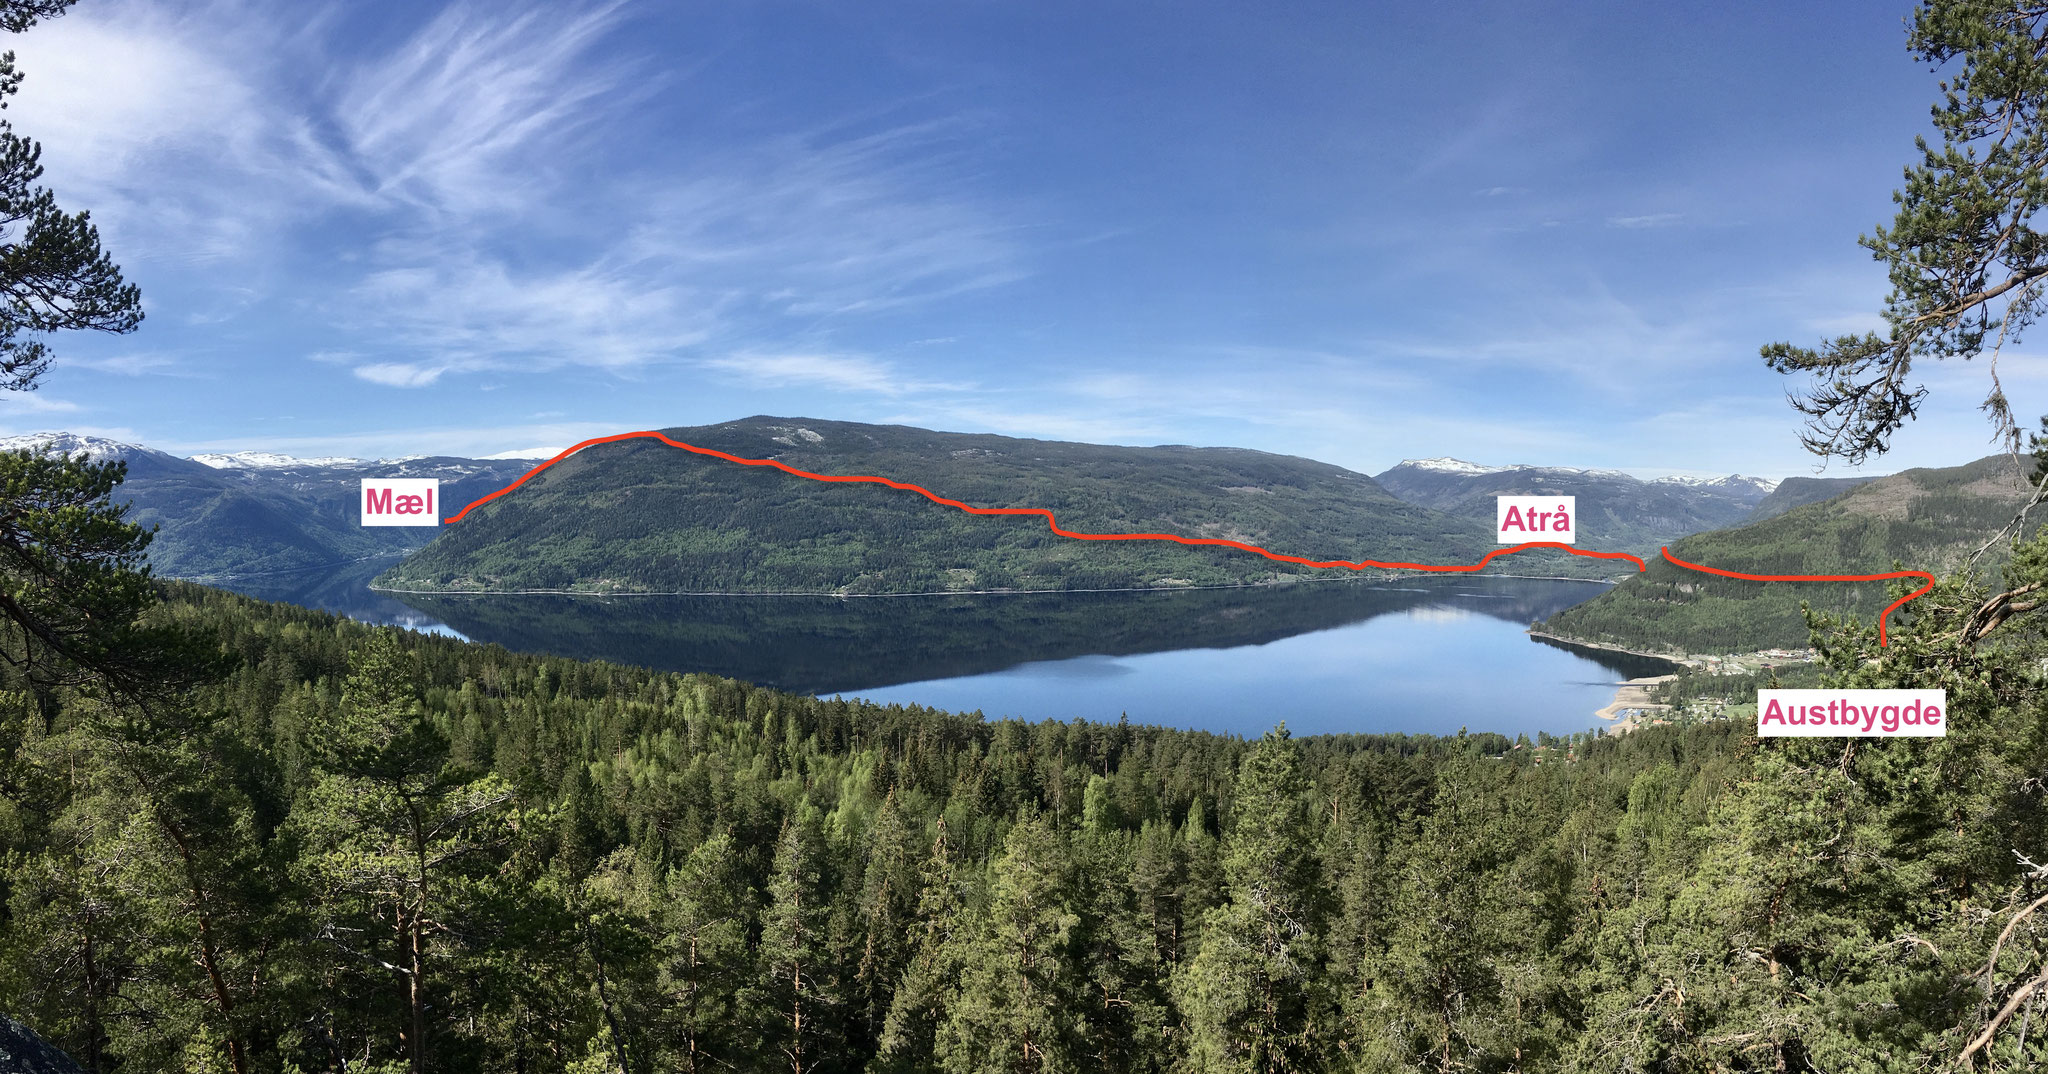 fra her kan du se hvor pilegrimsveien gå videre de neste dagene